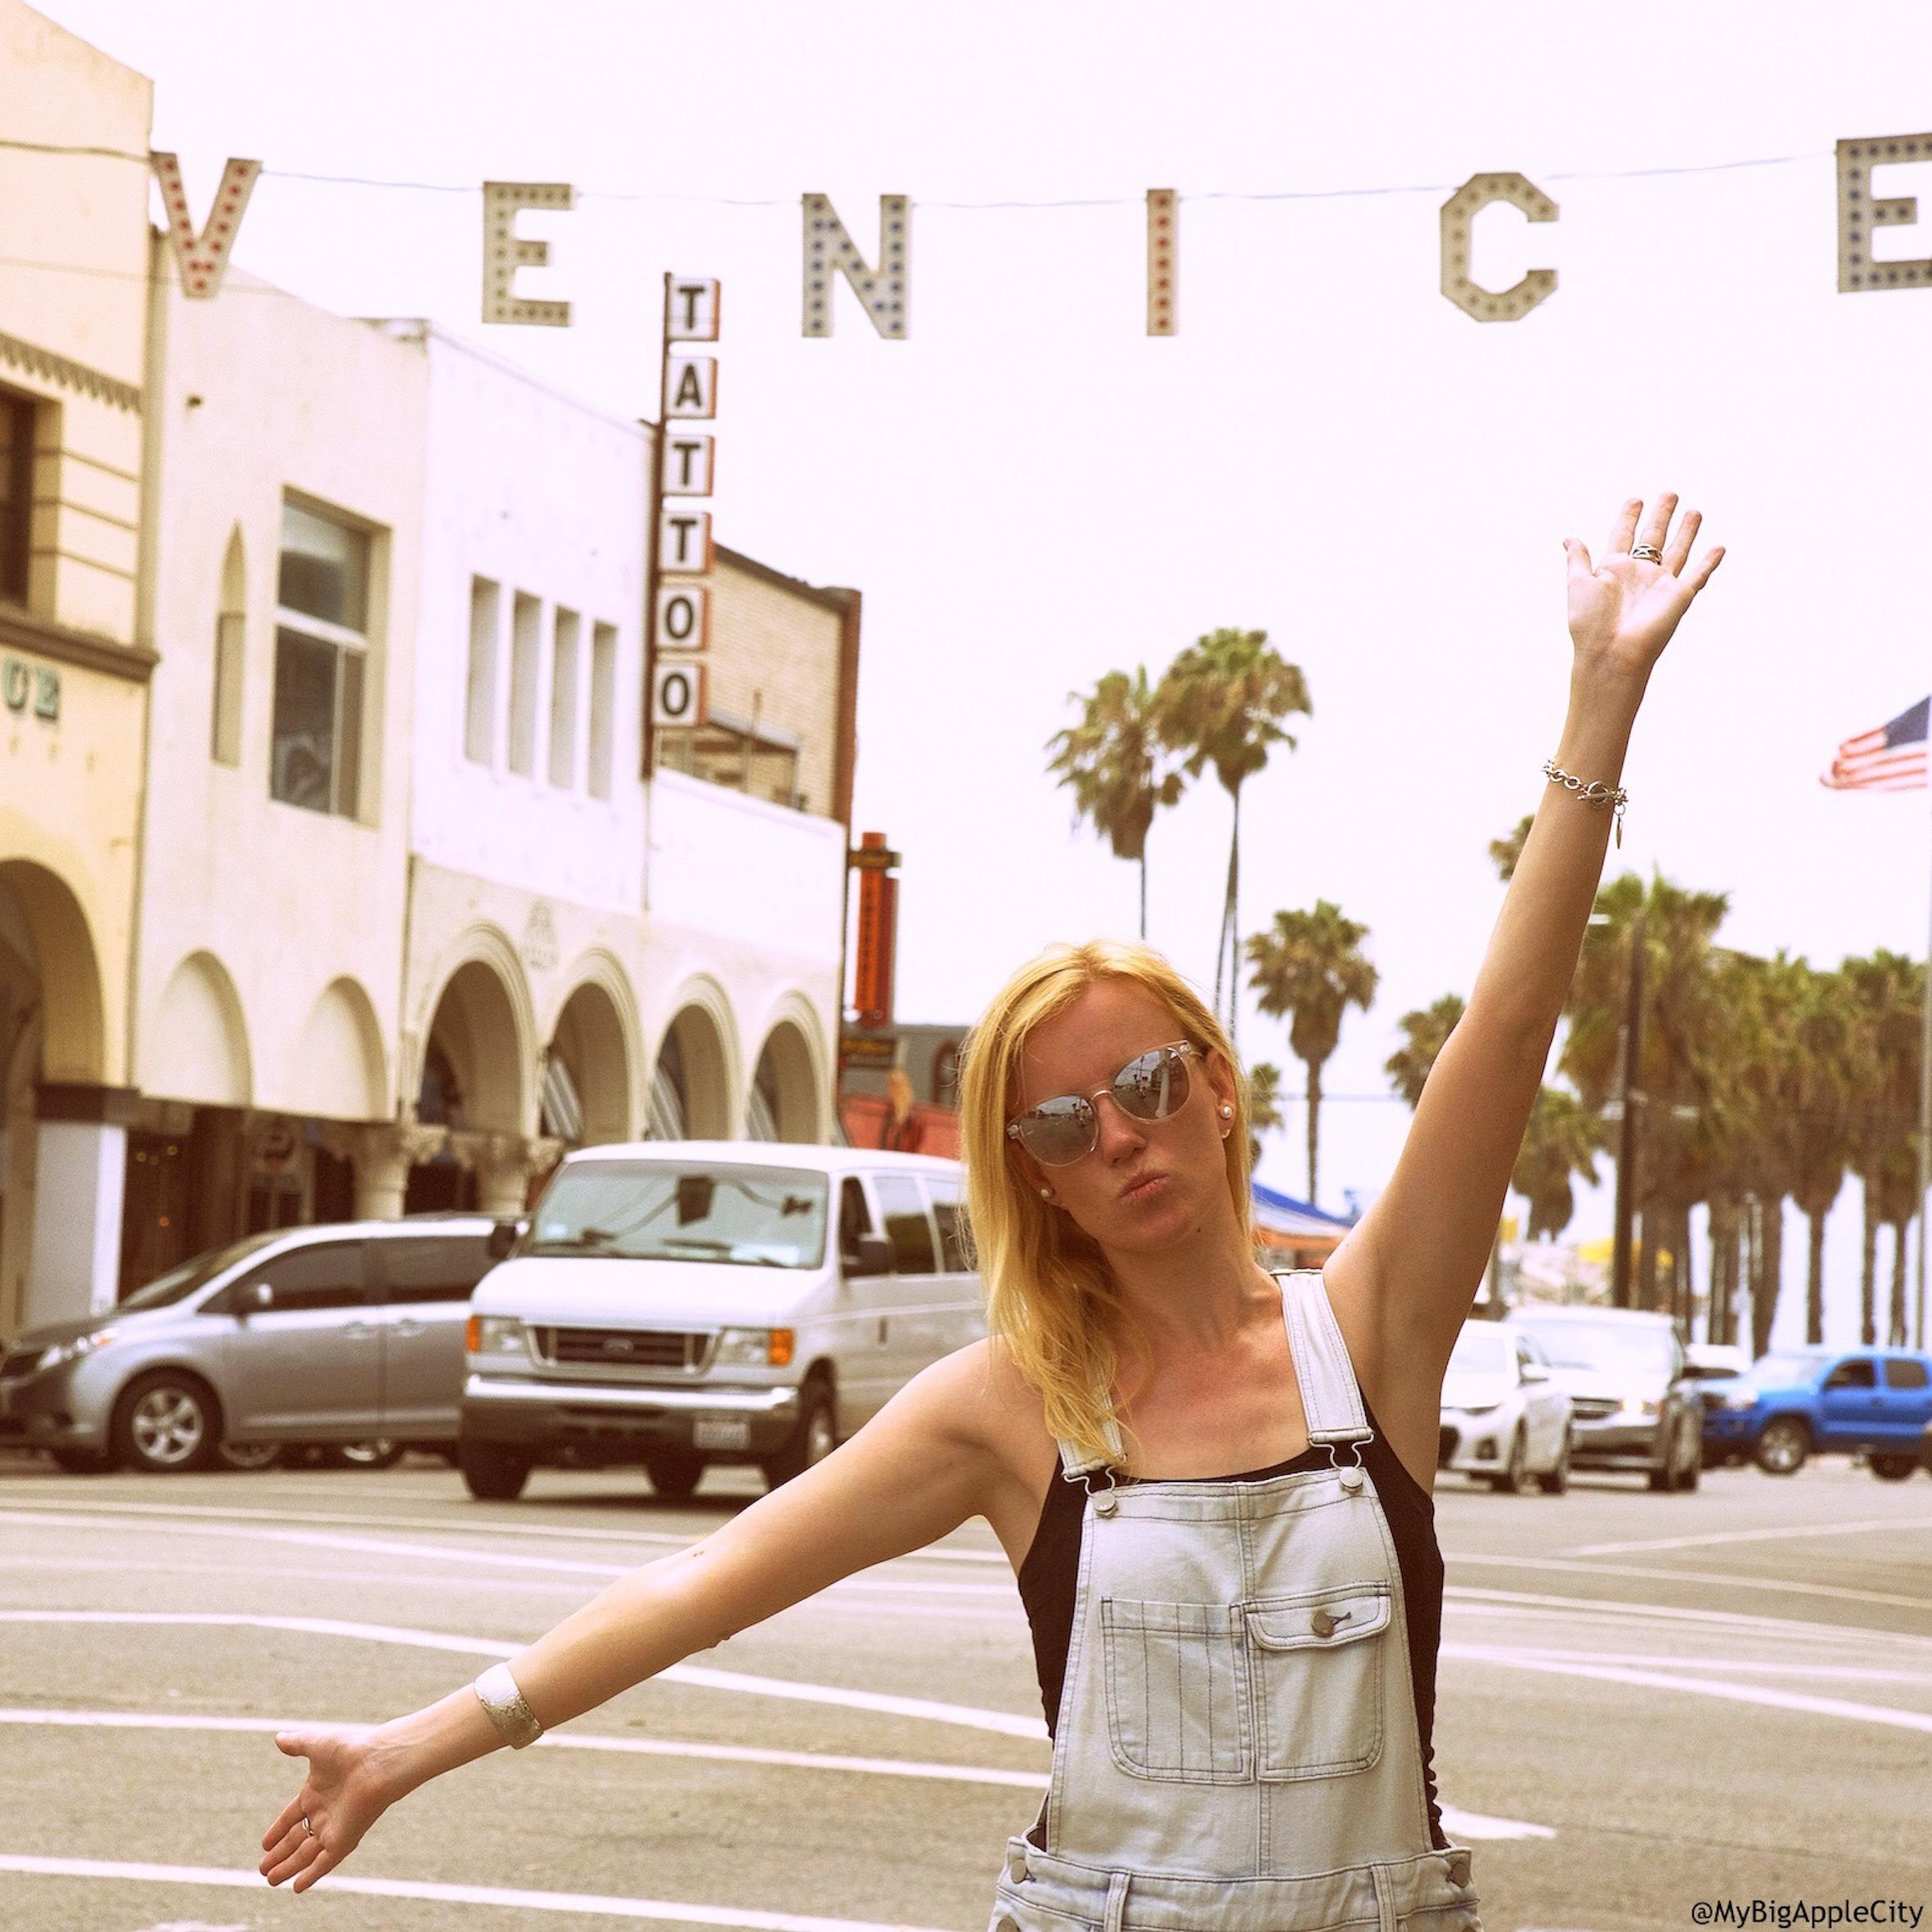 Fashion-Blogger-LA-VeniceBeach-travel-MyBigAppleCity